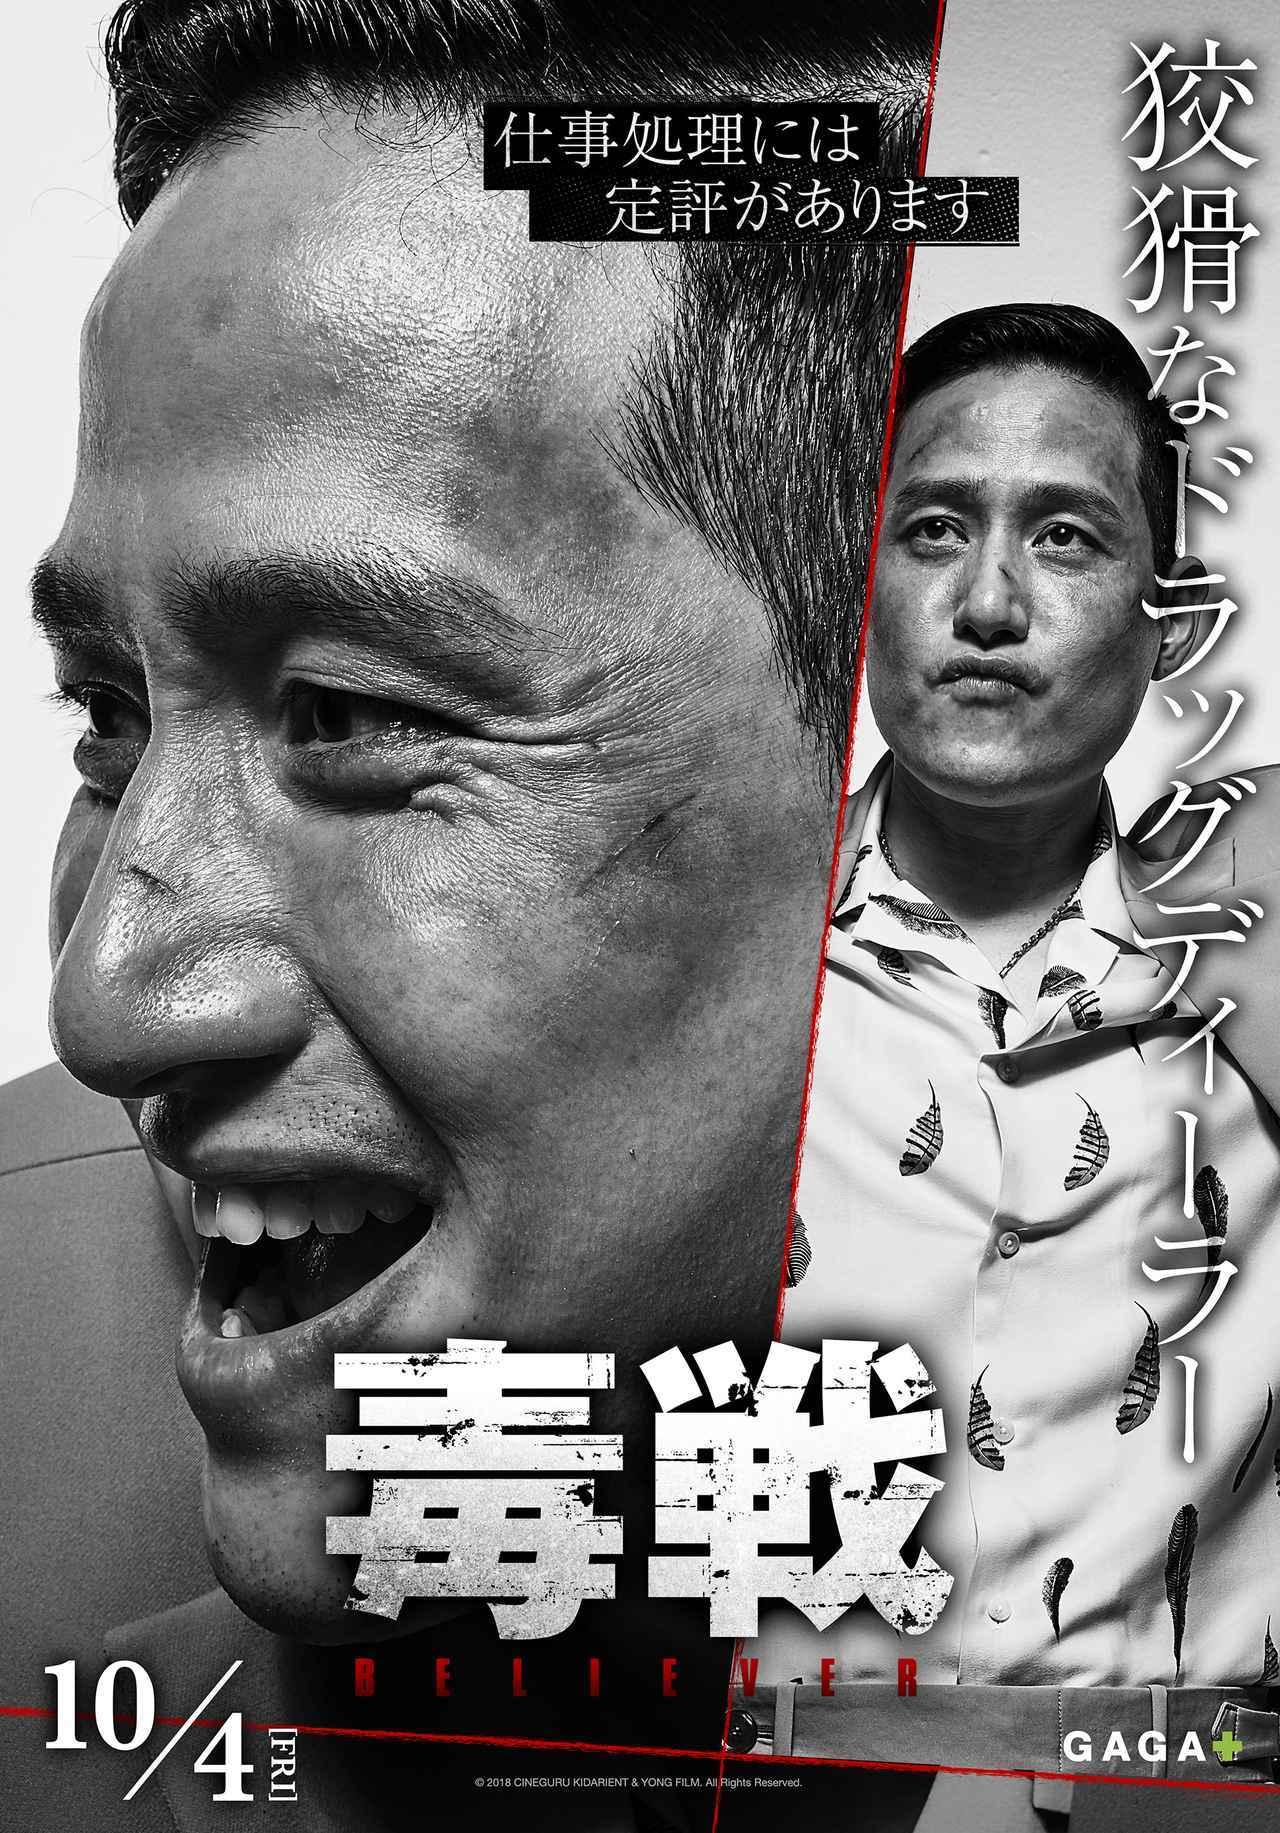 画像6: © 2018 CINEGURU KIDARIENT & YONG FILM. All Rights Reserved.